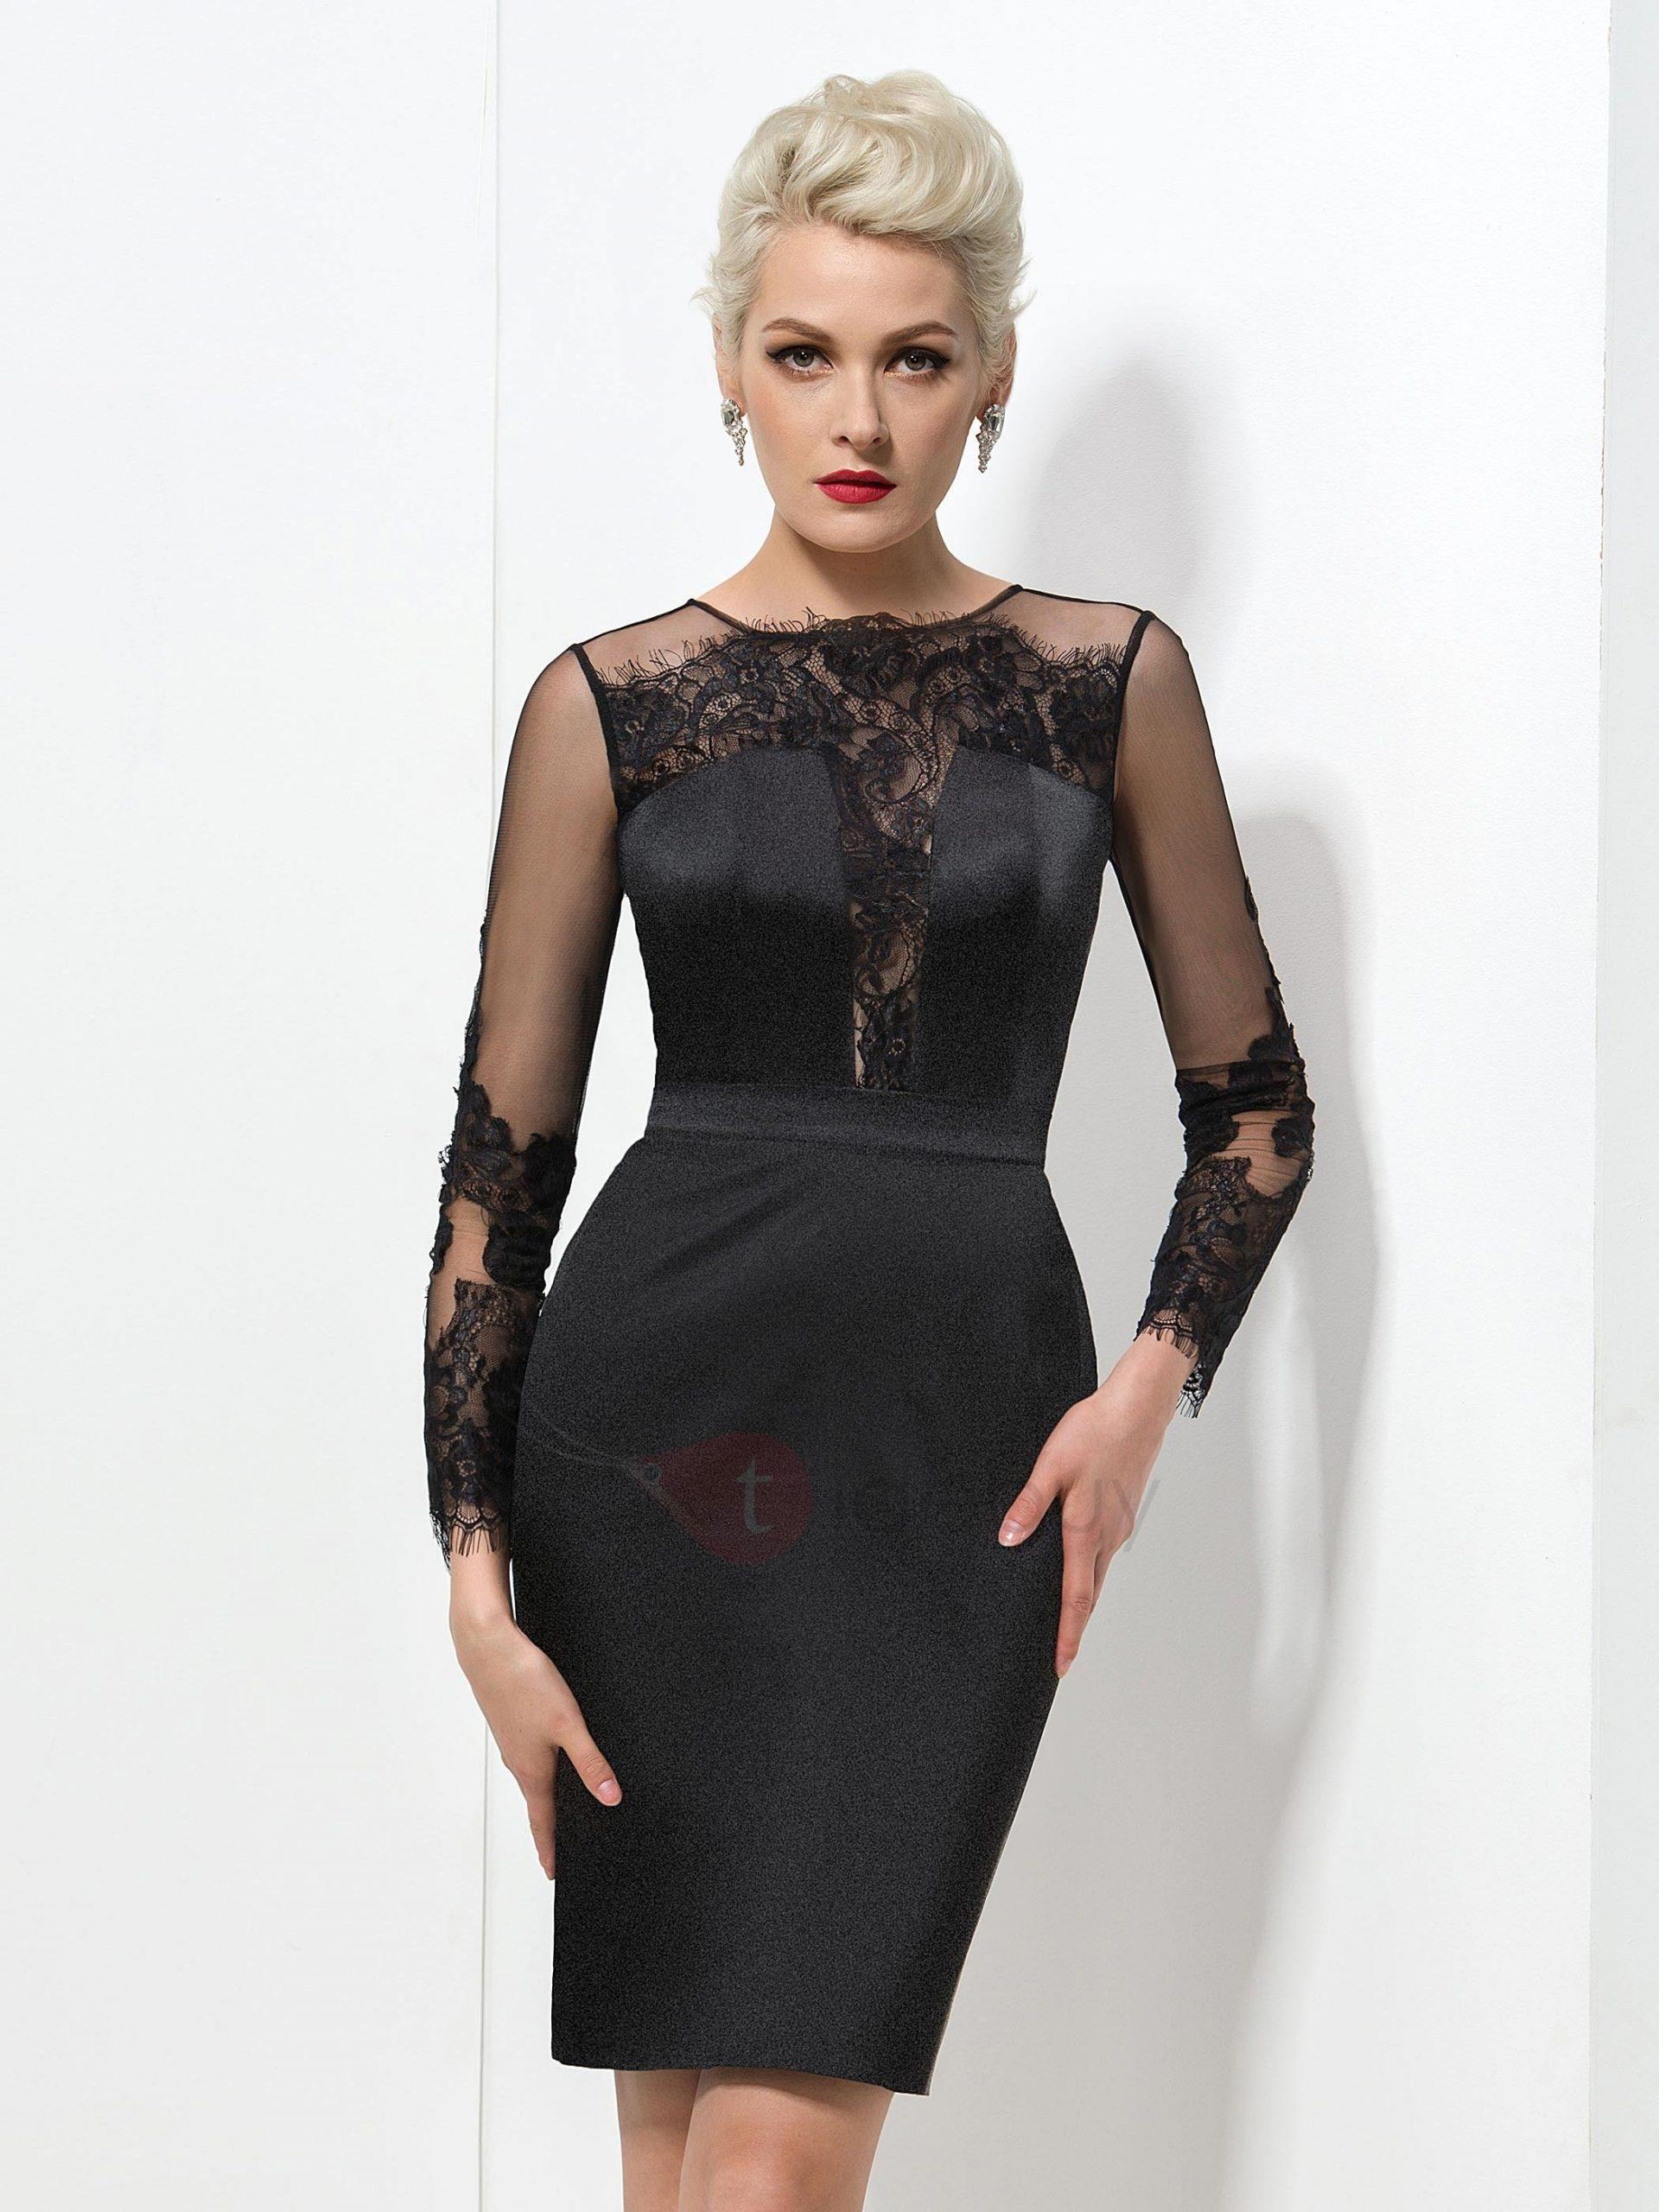 Formal Kreativ Kleid Elegant Knielang Boutique17 Einfach Kleid Elegant Knielang für 2019